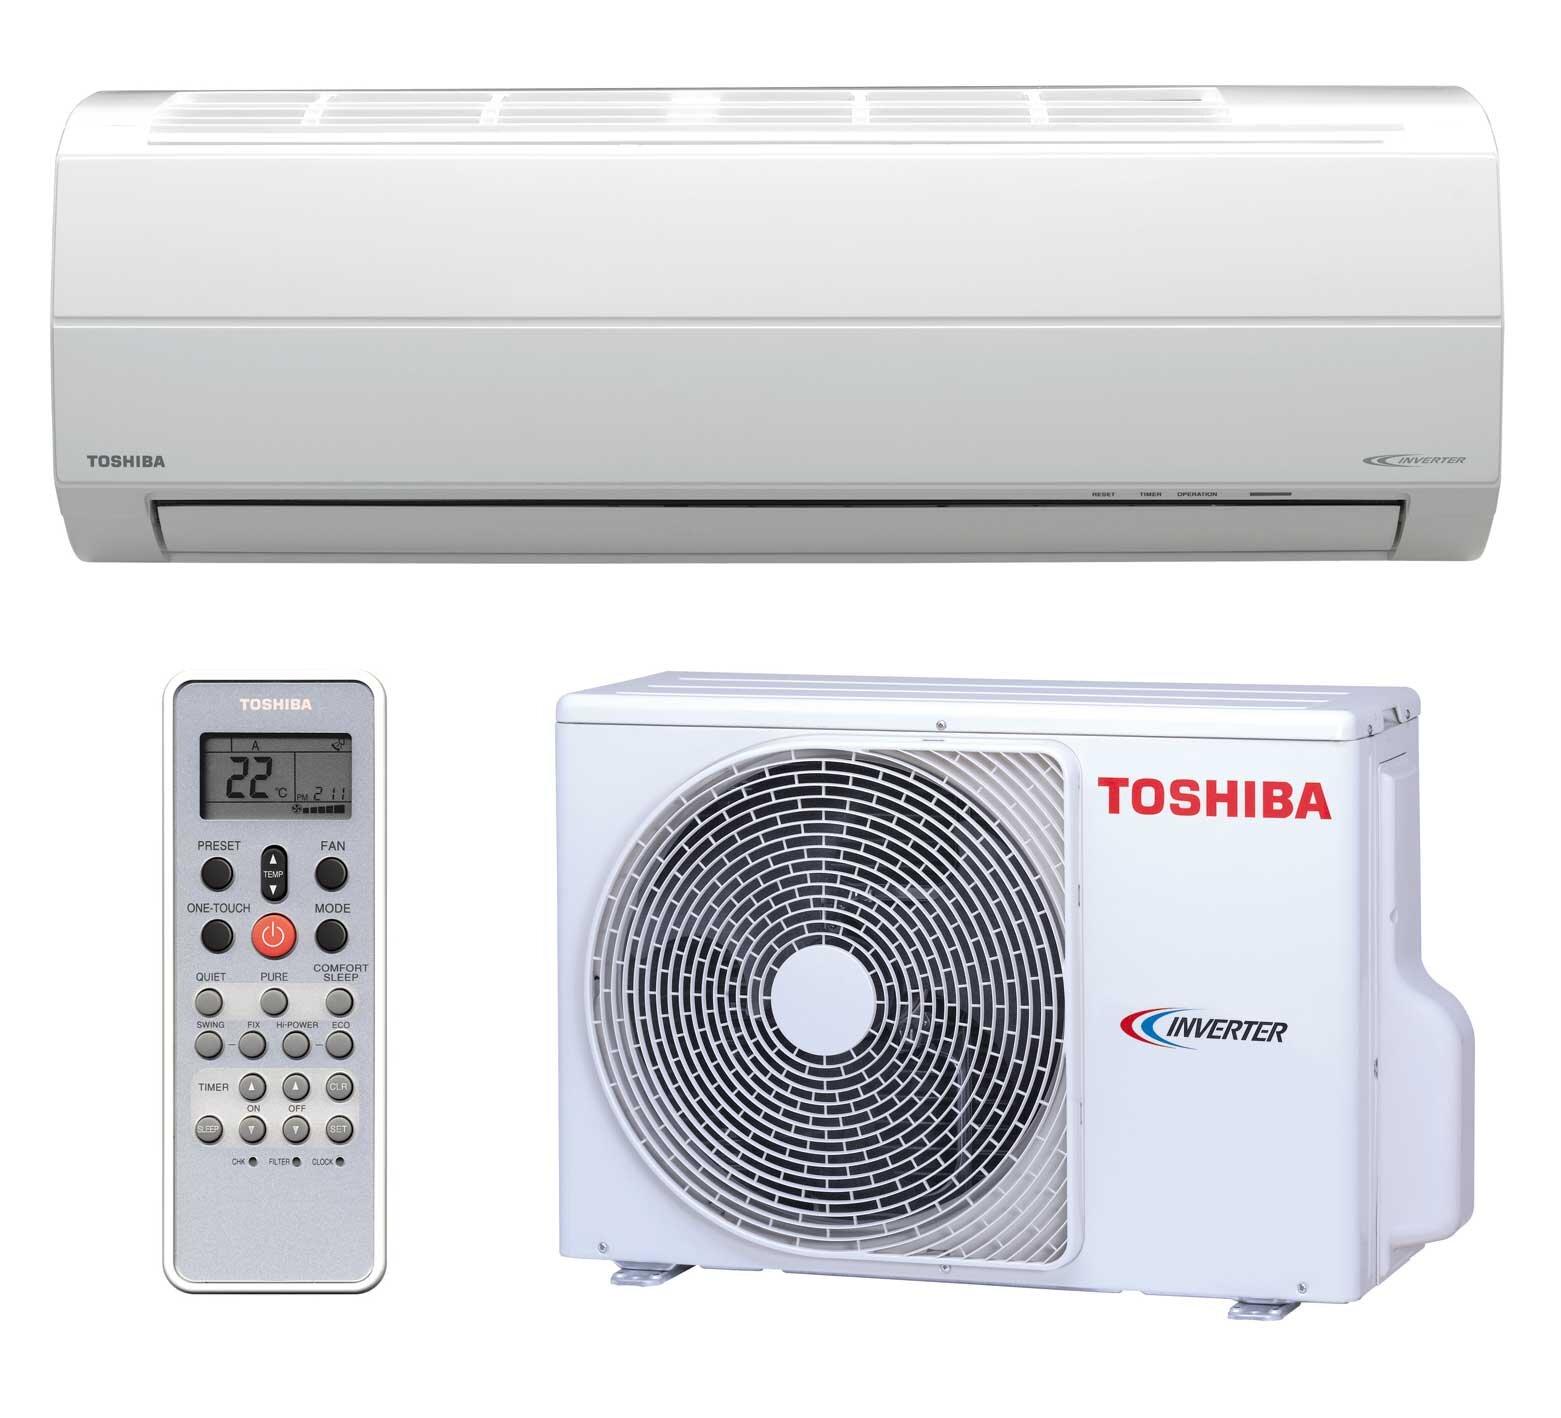 Toshiba được đánh giá là dòng máy có độ bền bỉ cao